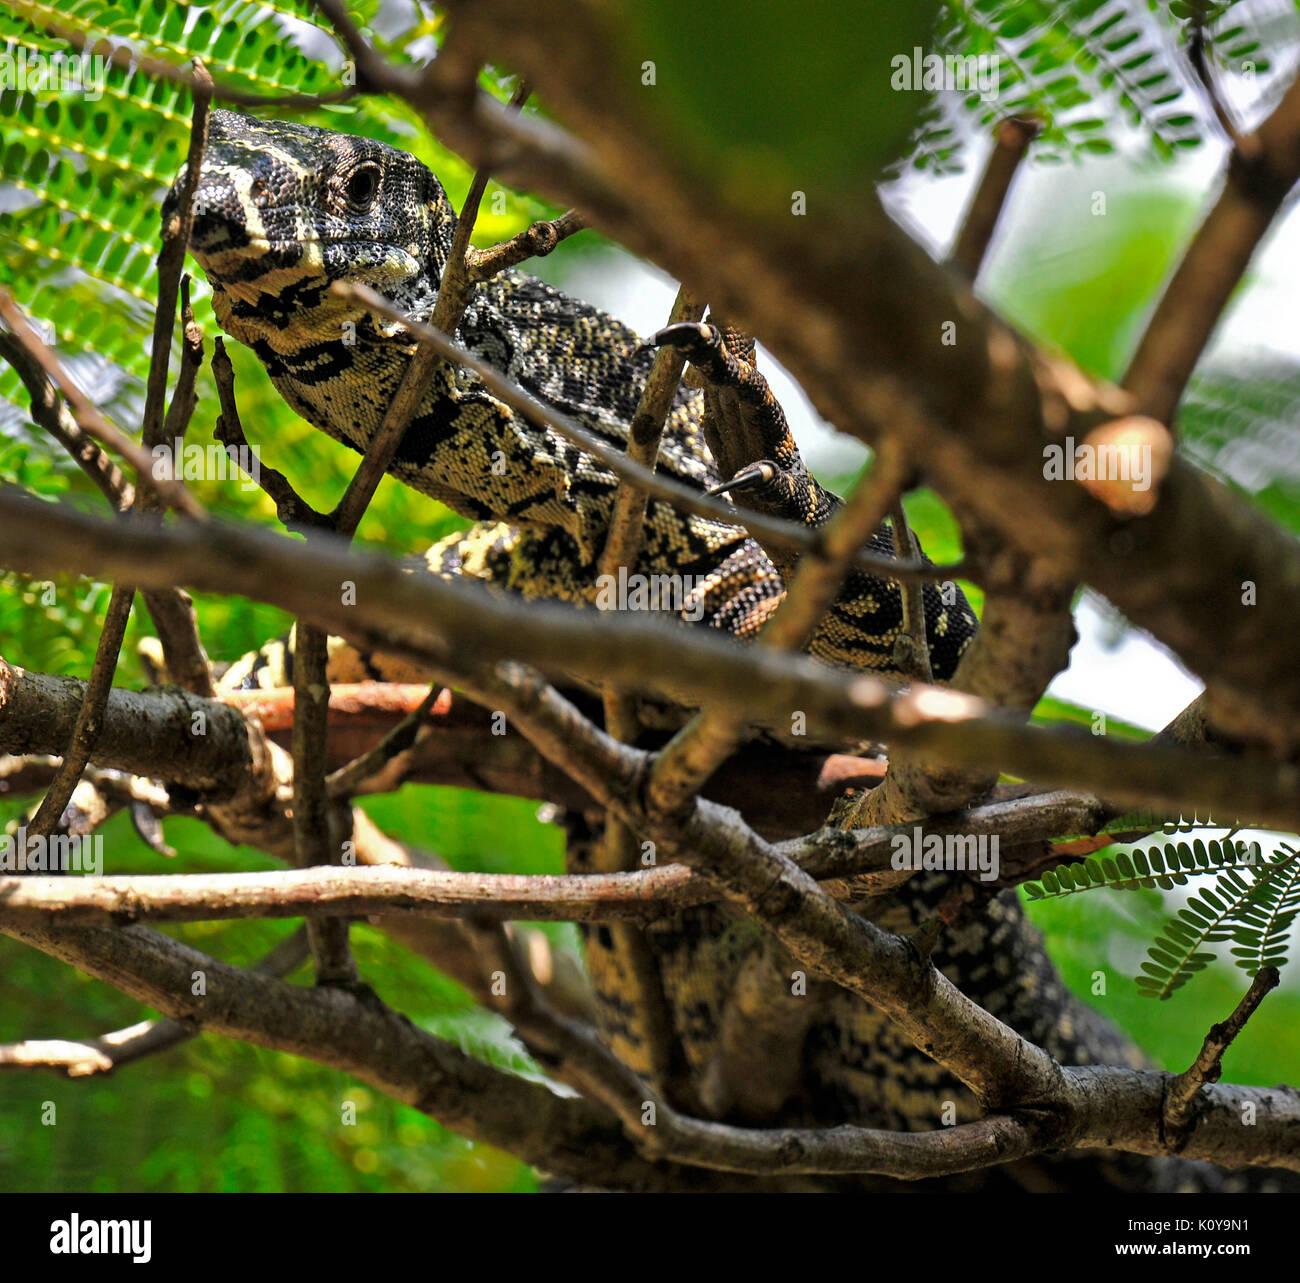 australia reptile garden stock photos u0026 australia reptile garden